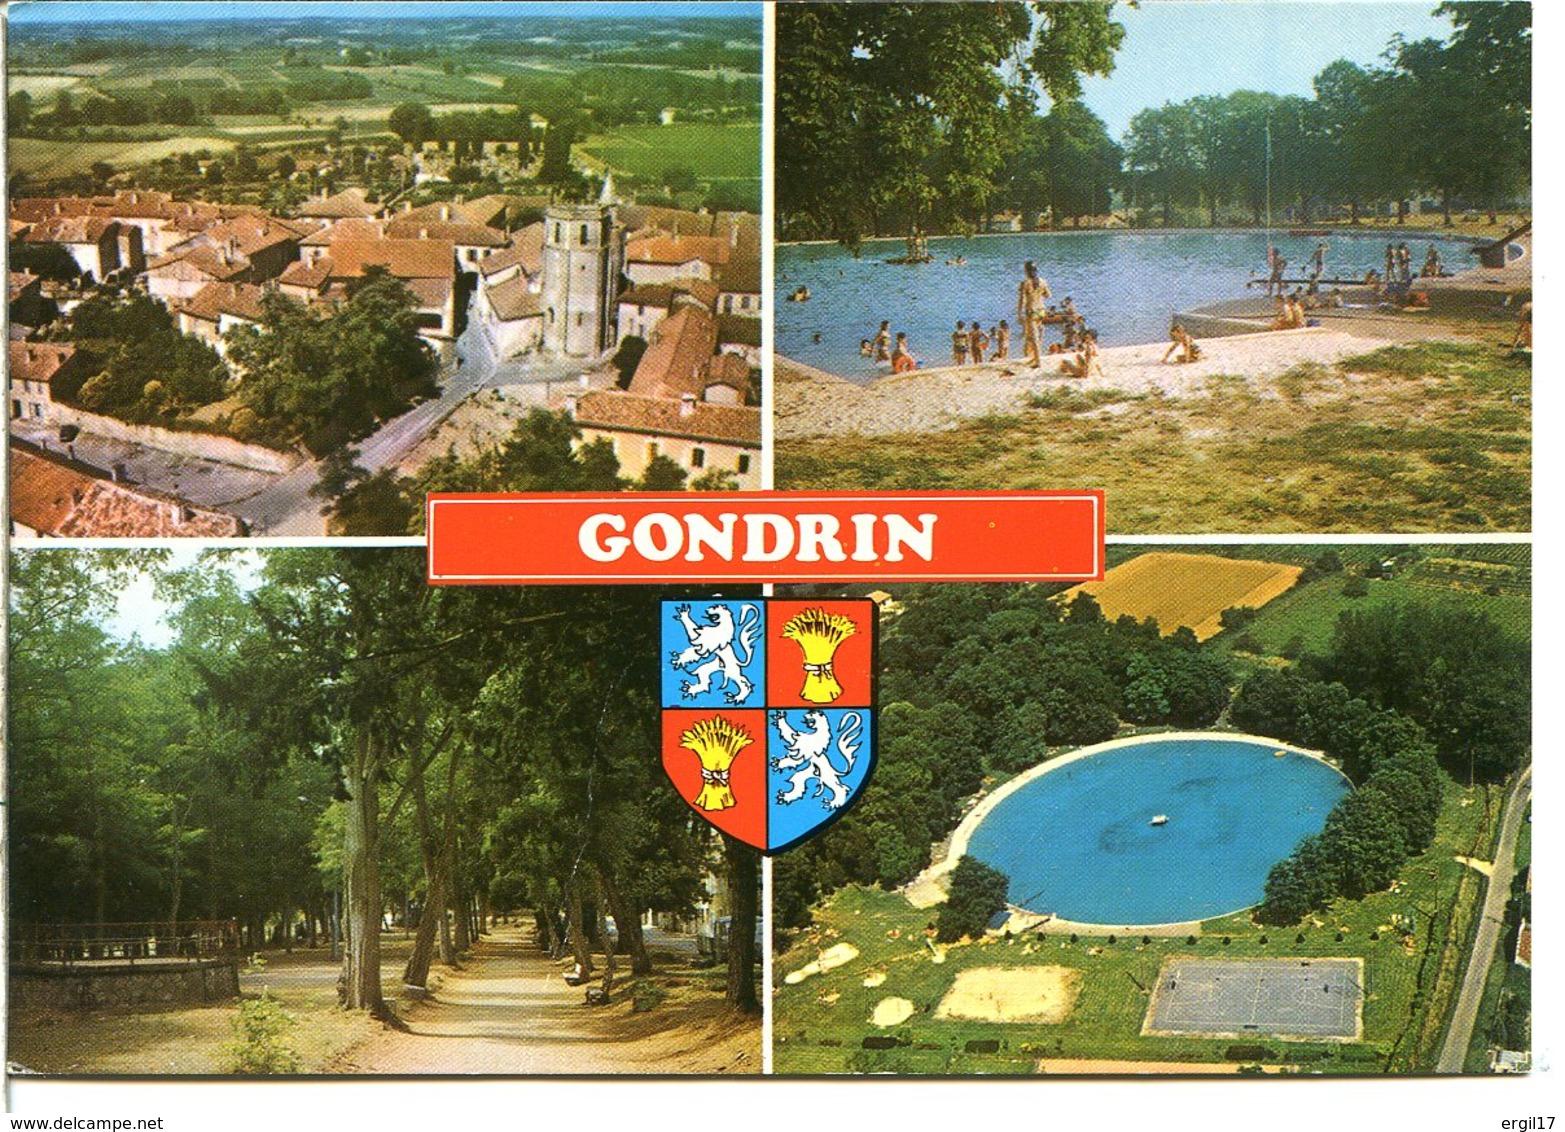 32330 GONDRIN - Lot De 2 CPM - Voir Détails Dans La Description - France